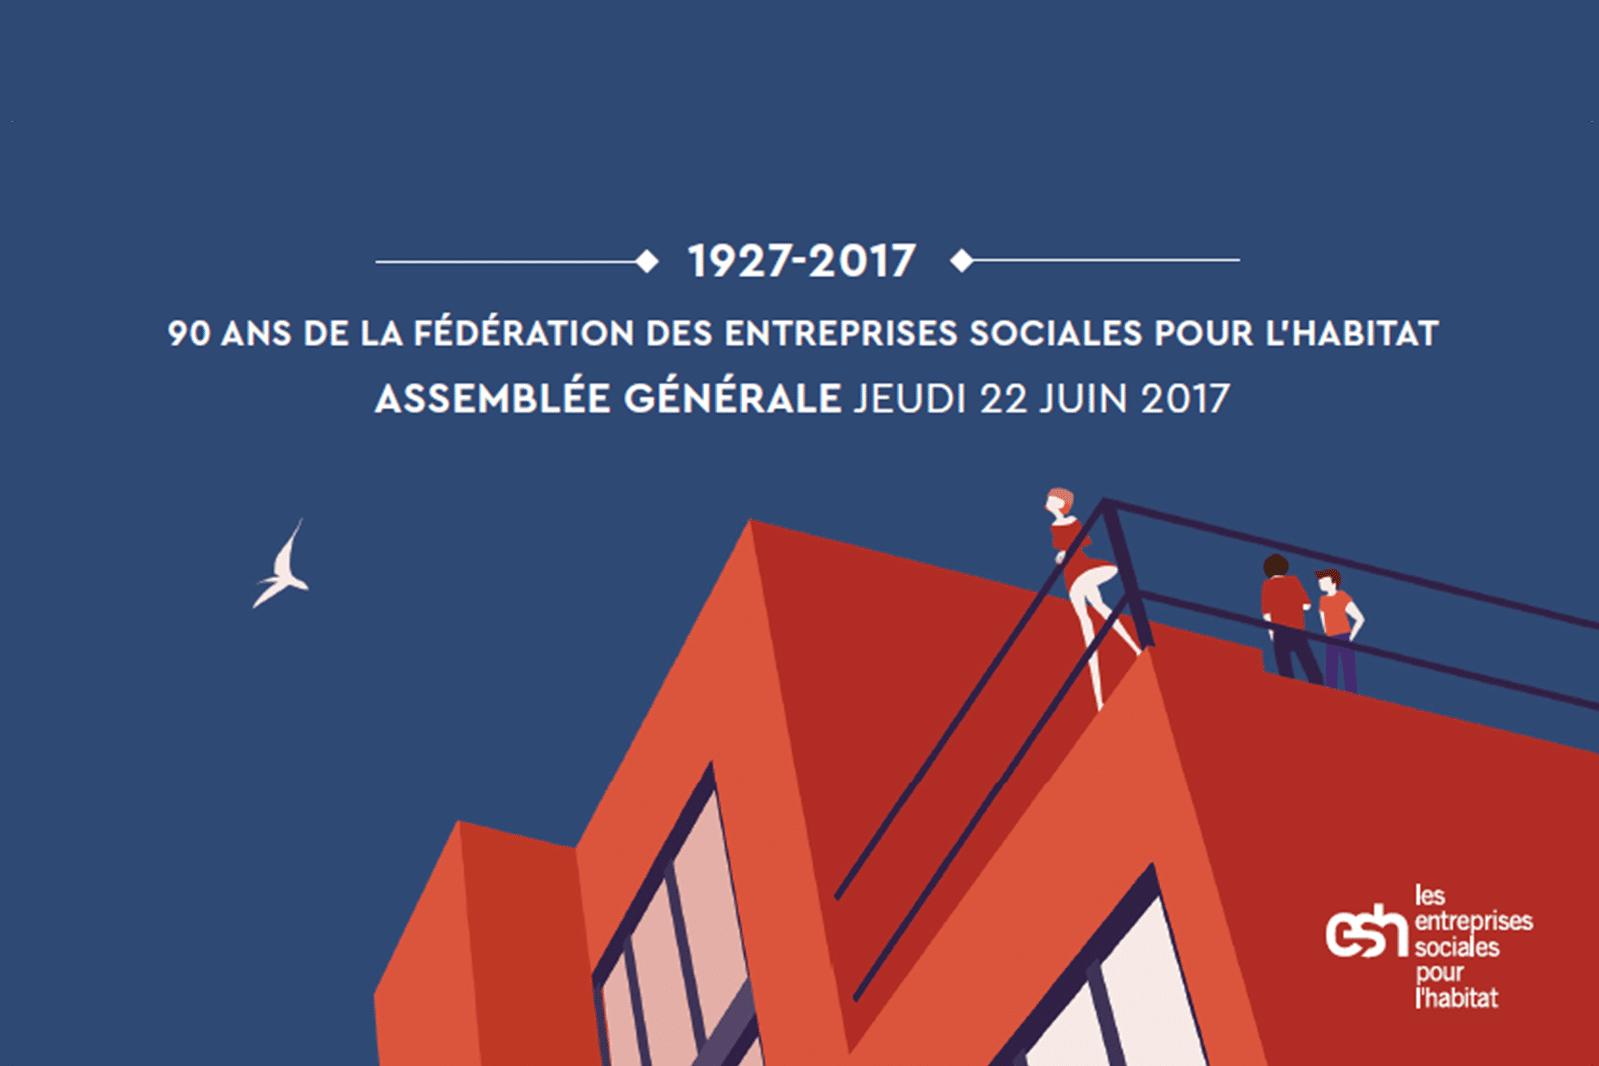 90 ans de la Fédération des ESH